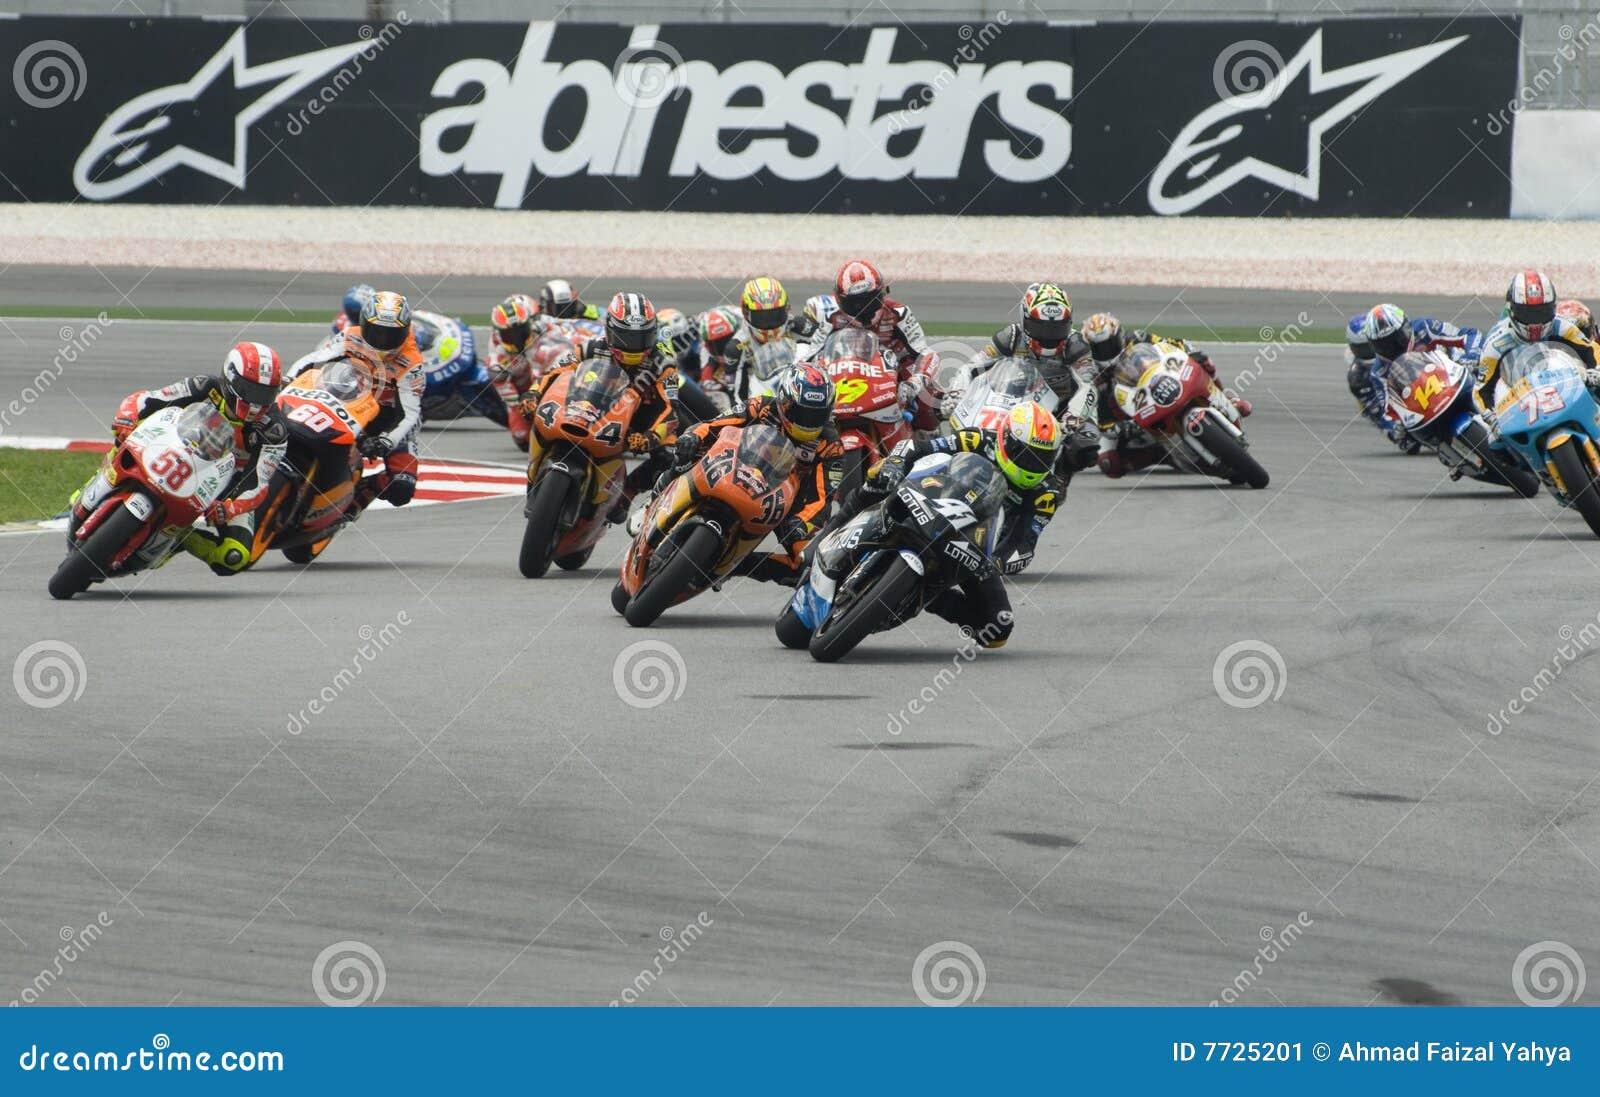 250cc race at 2008 Malaysian Motorcycle GP Sepang